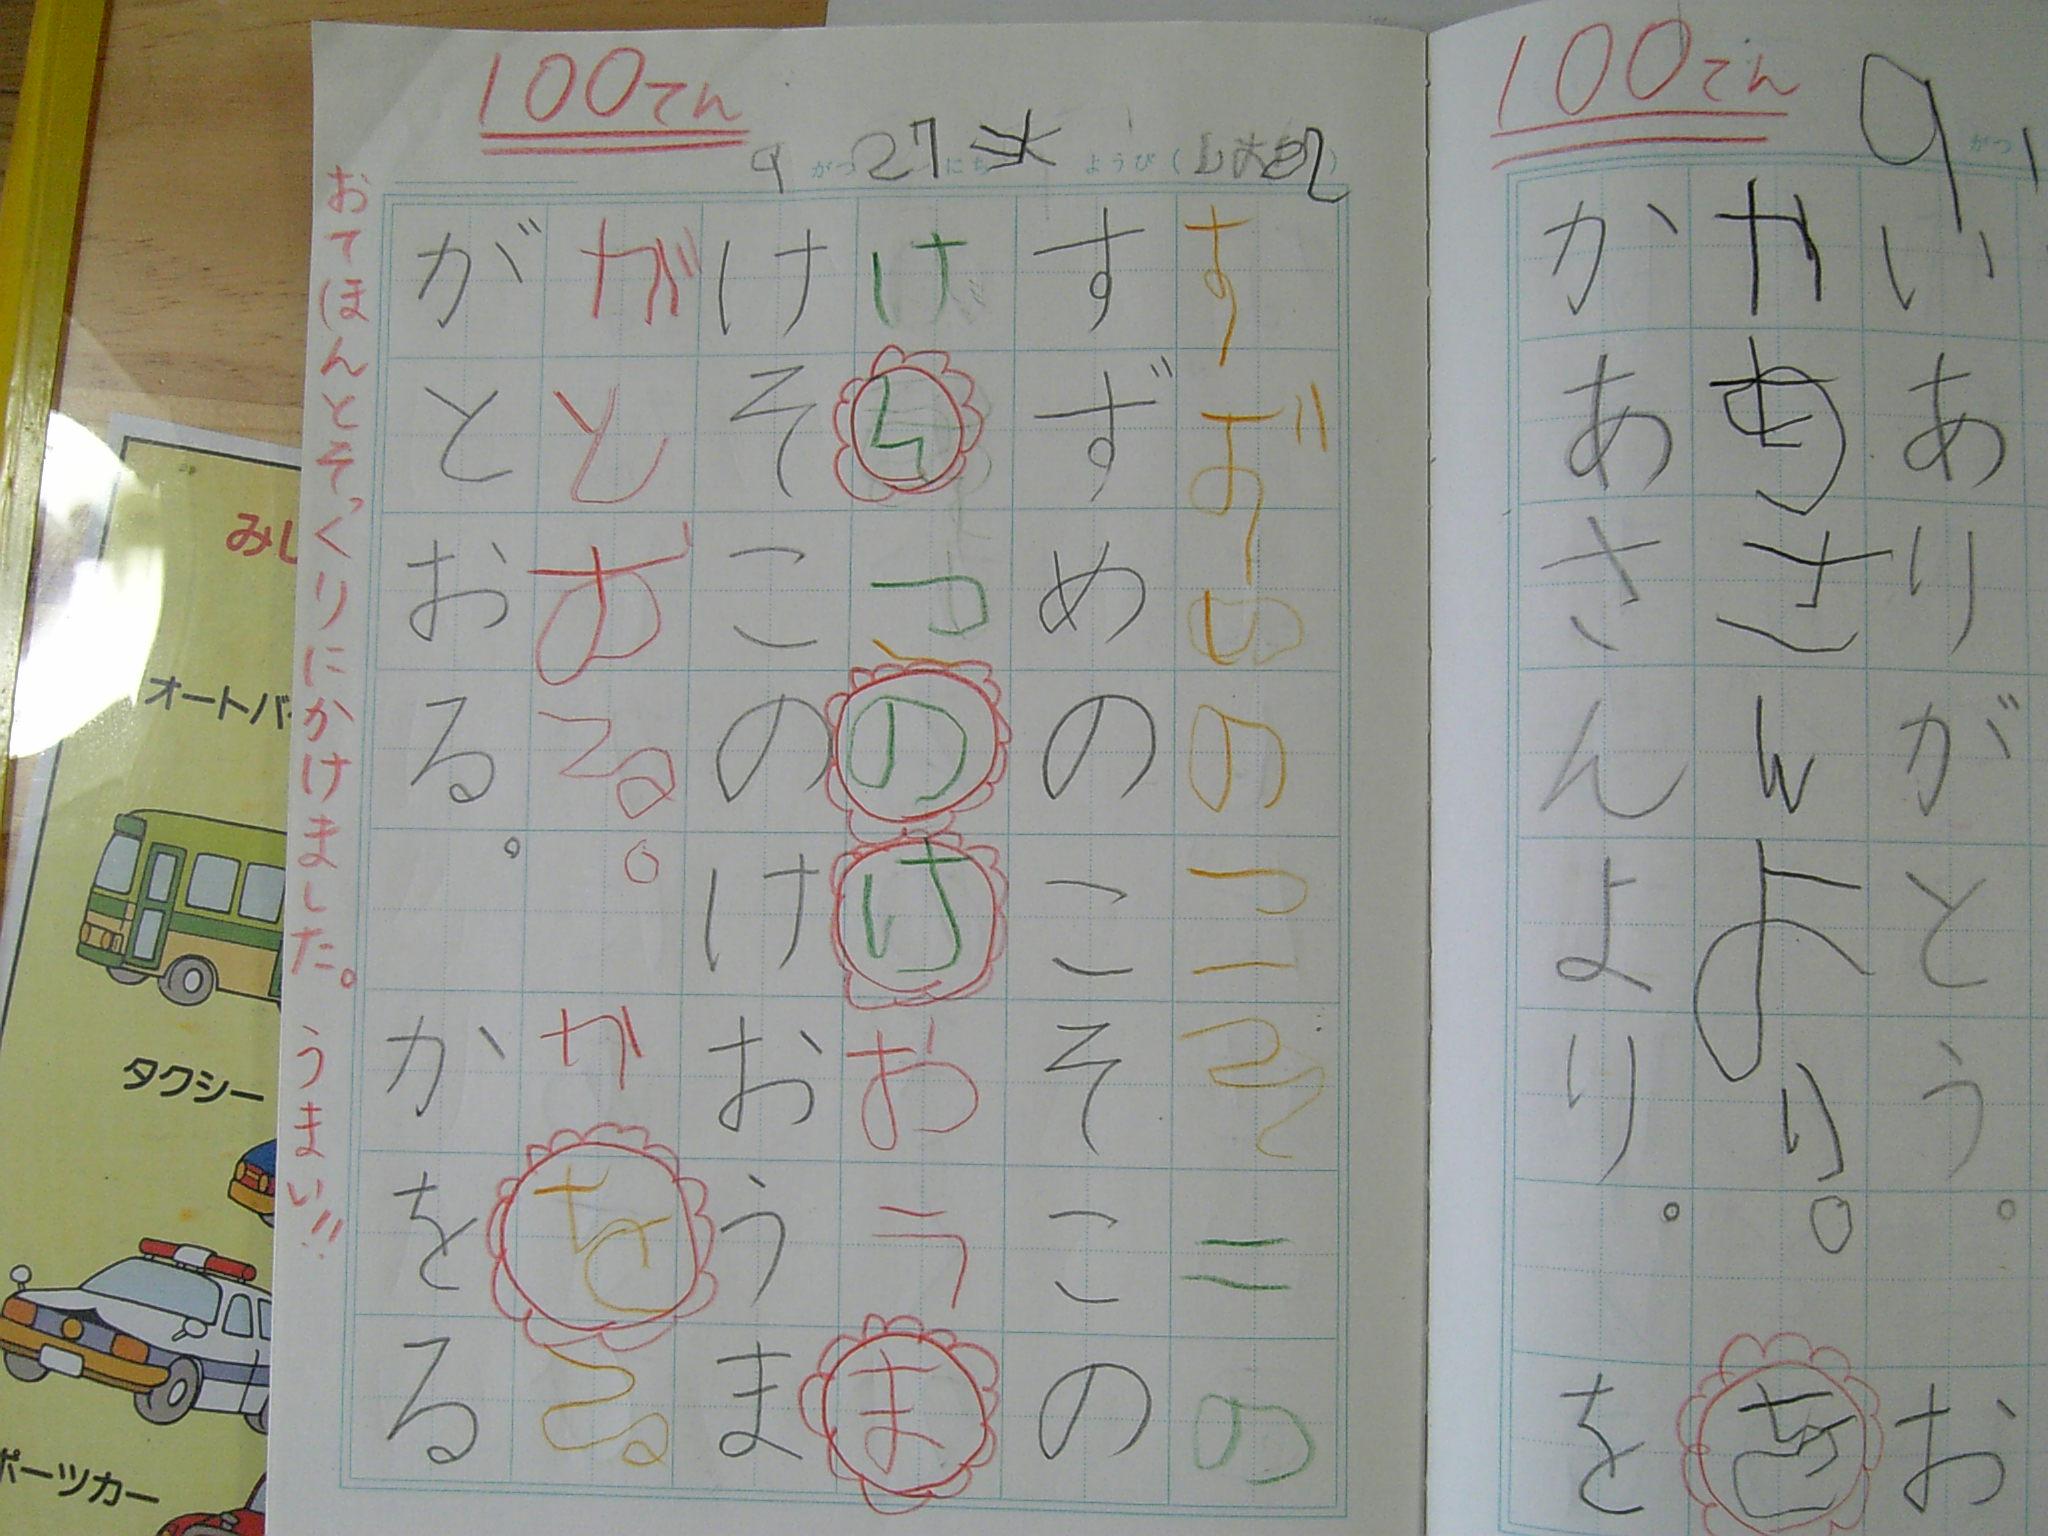 ... ひらがなの書きに取り組むよう : 小学一年生 ひらがな 練習 : ひらがな